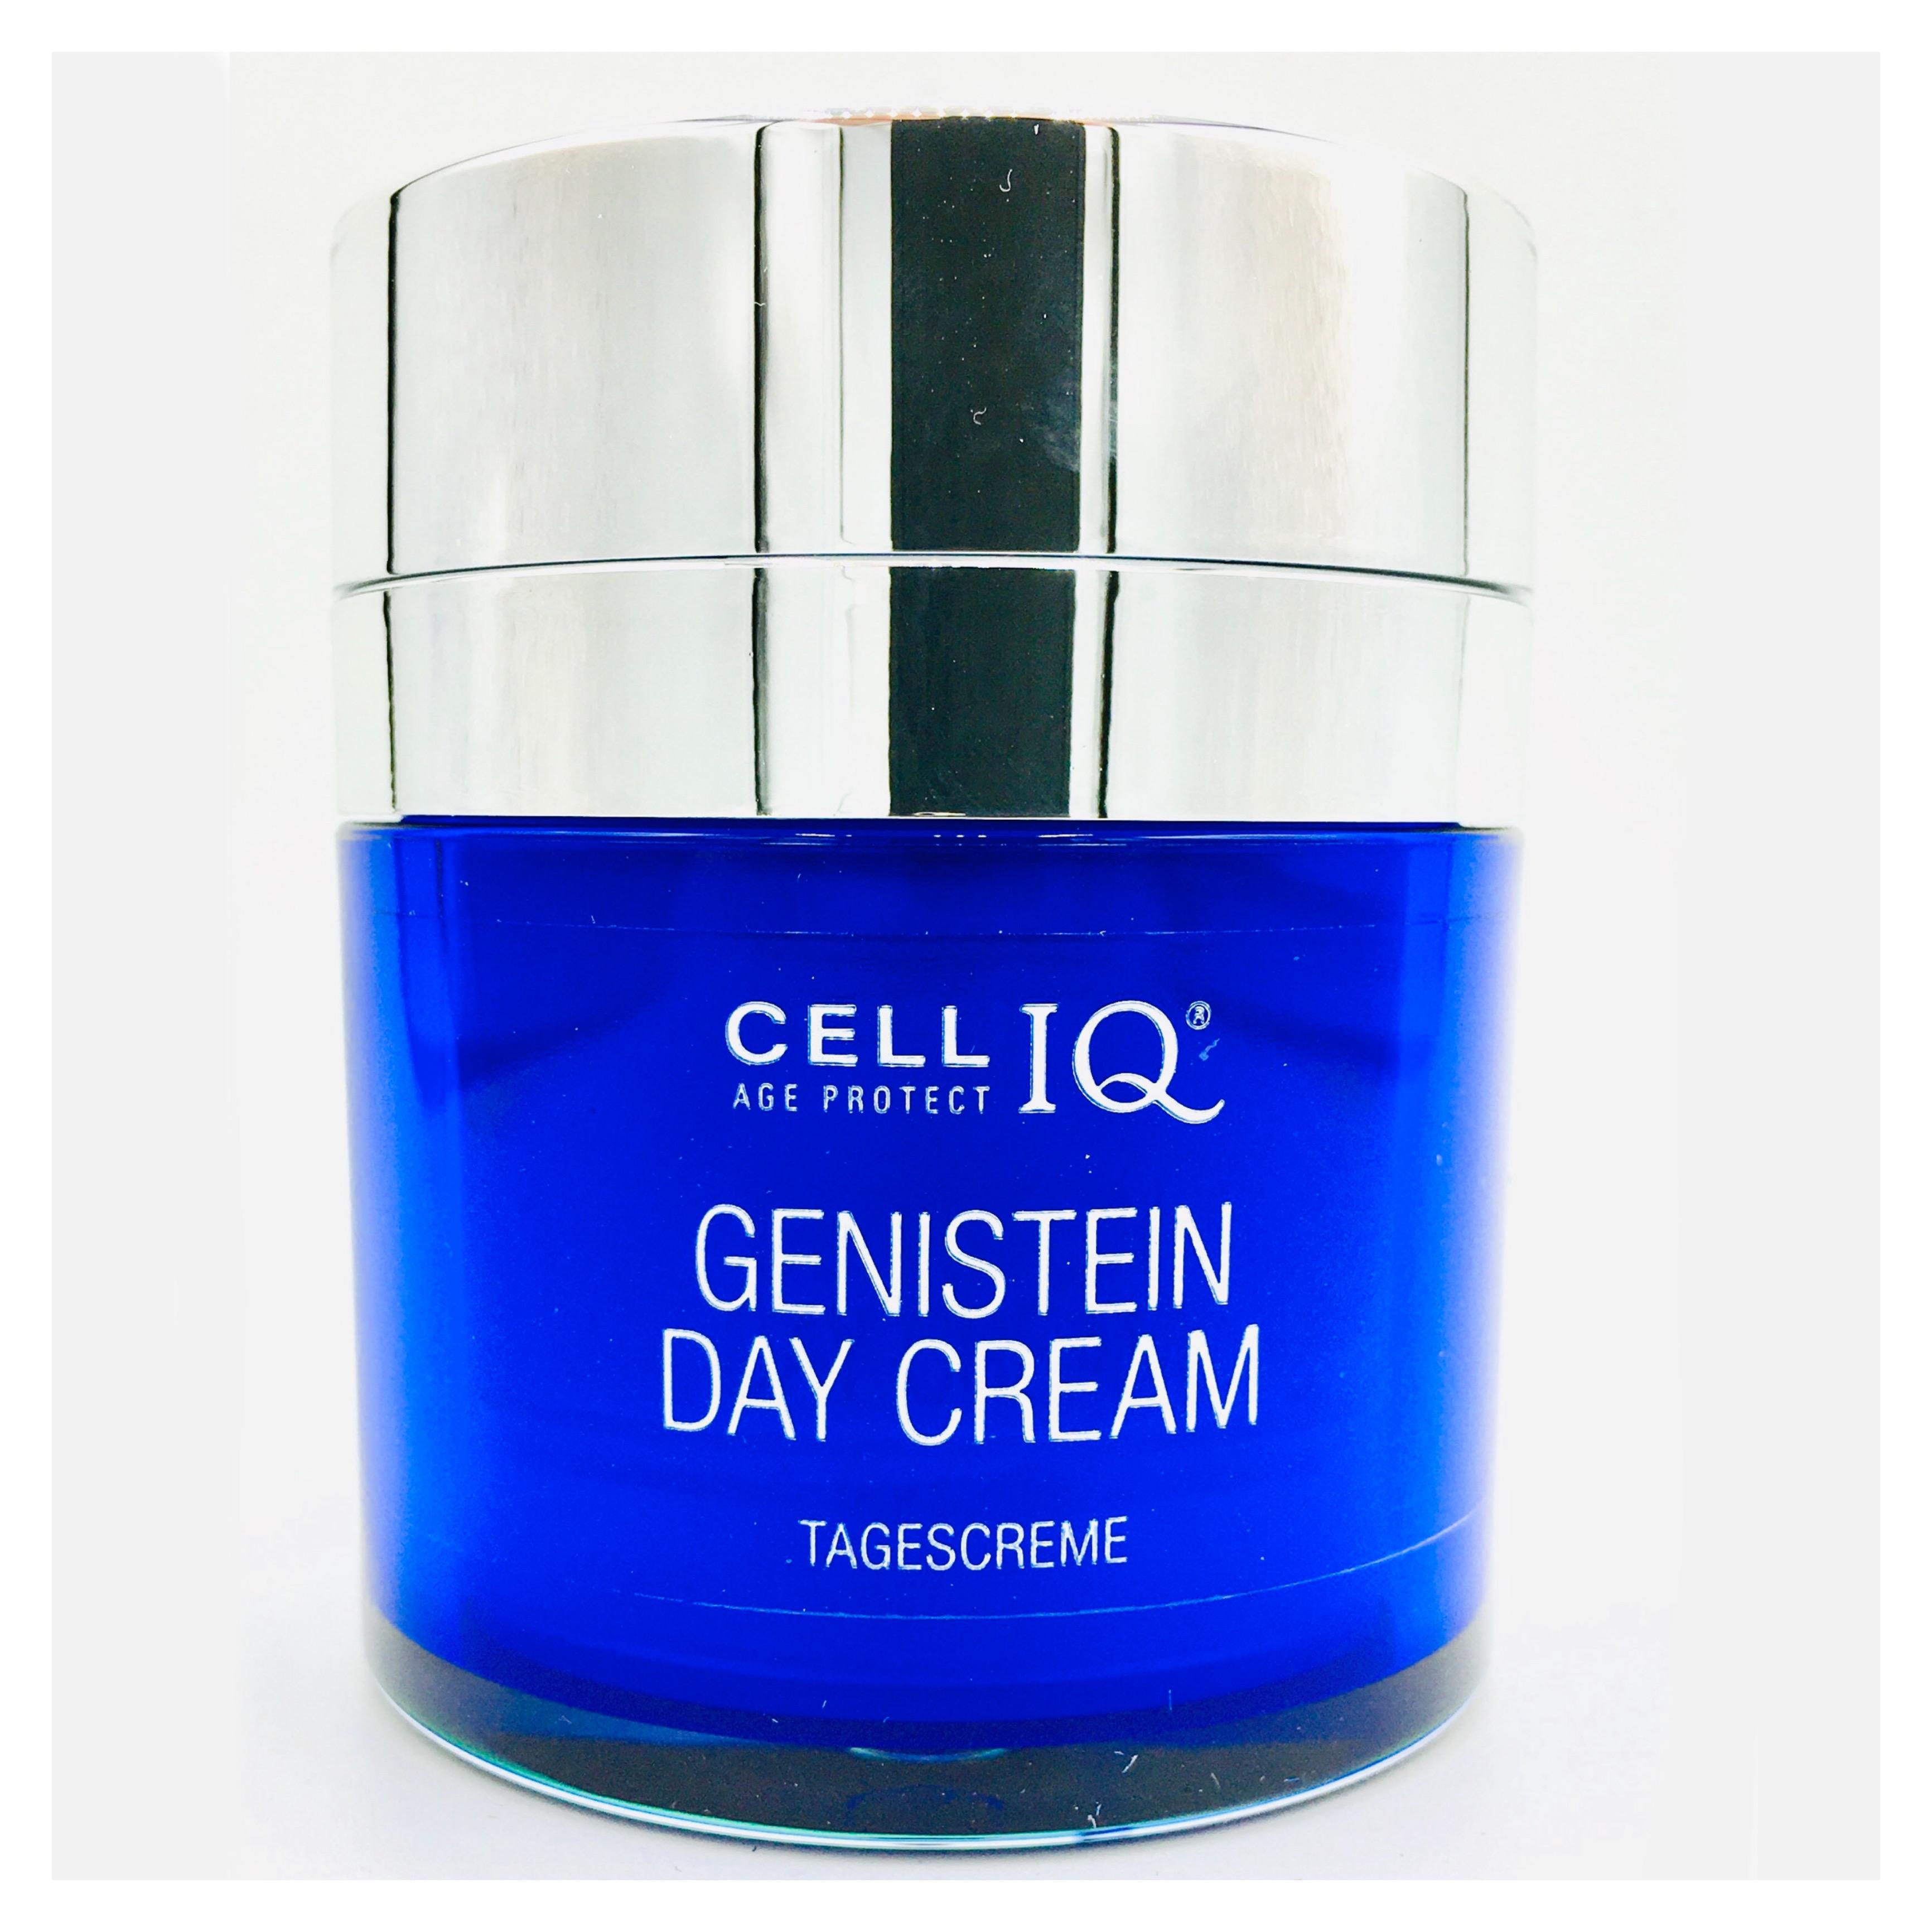 Cell IQ Genestein Day